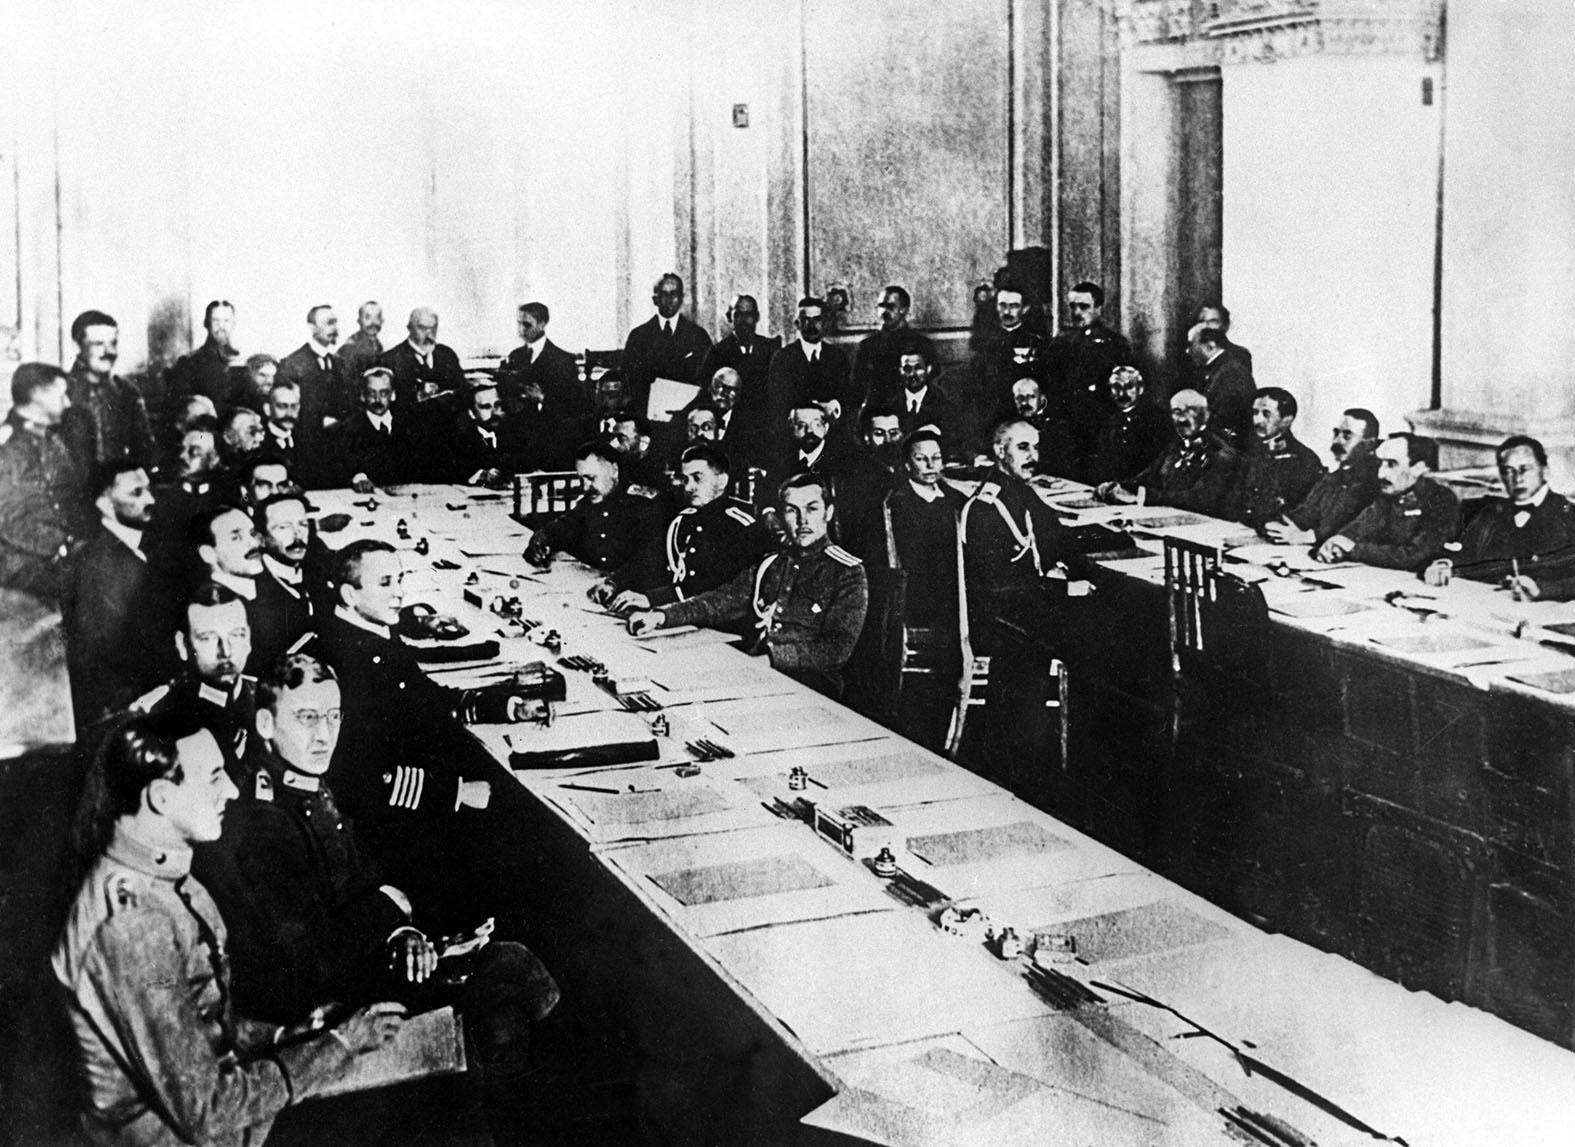 """""""A Trockij vezette orosz delegáció számára megjött a bolsevik pártvezetés ukáza, mindenképpen a háborúból való kilépés, és a mindenáron való békekötés a cél"""" #moszkvater"""